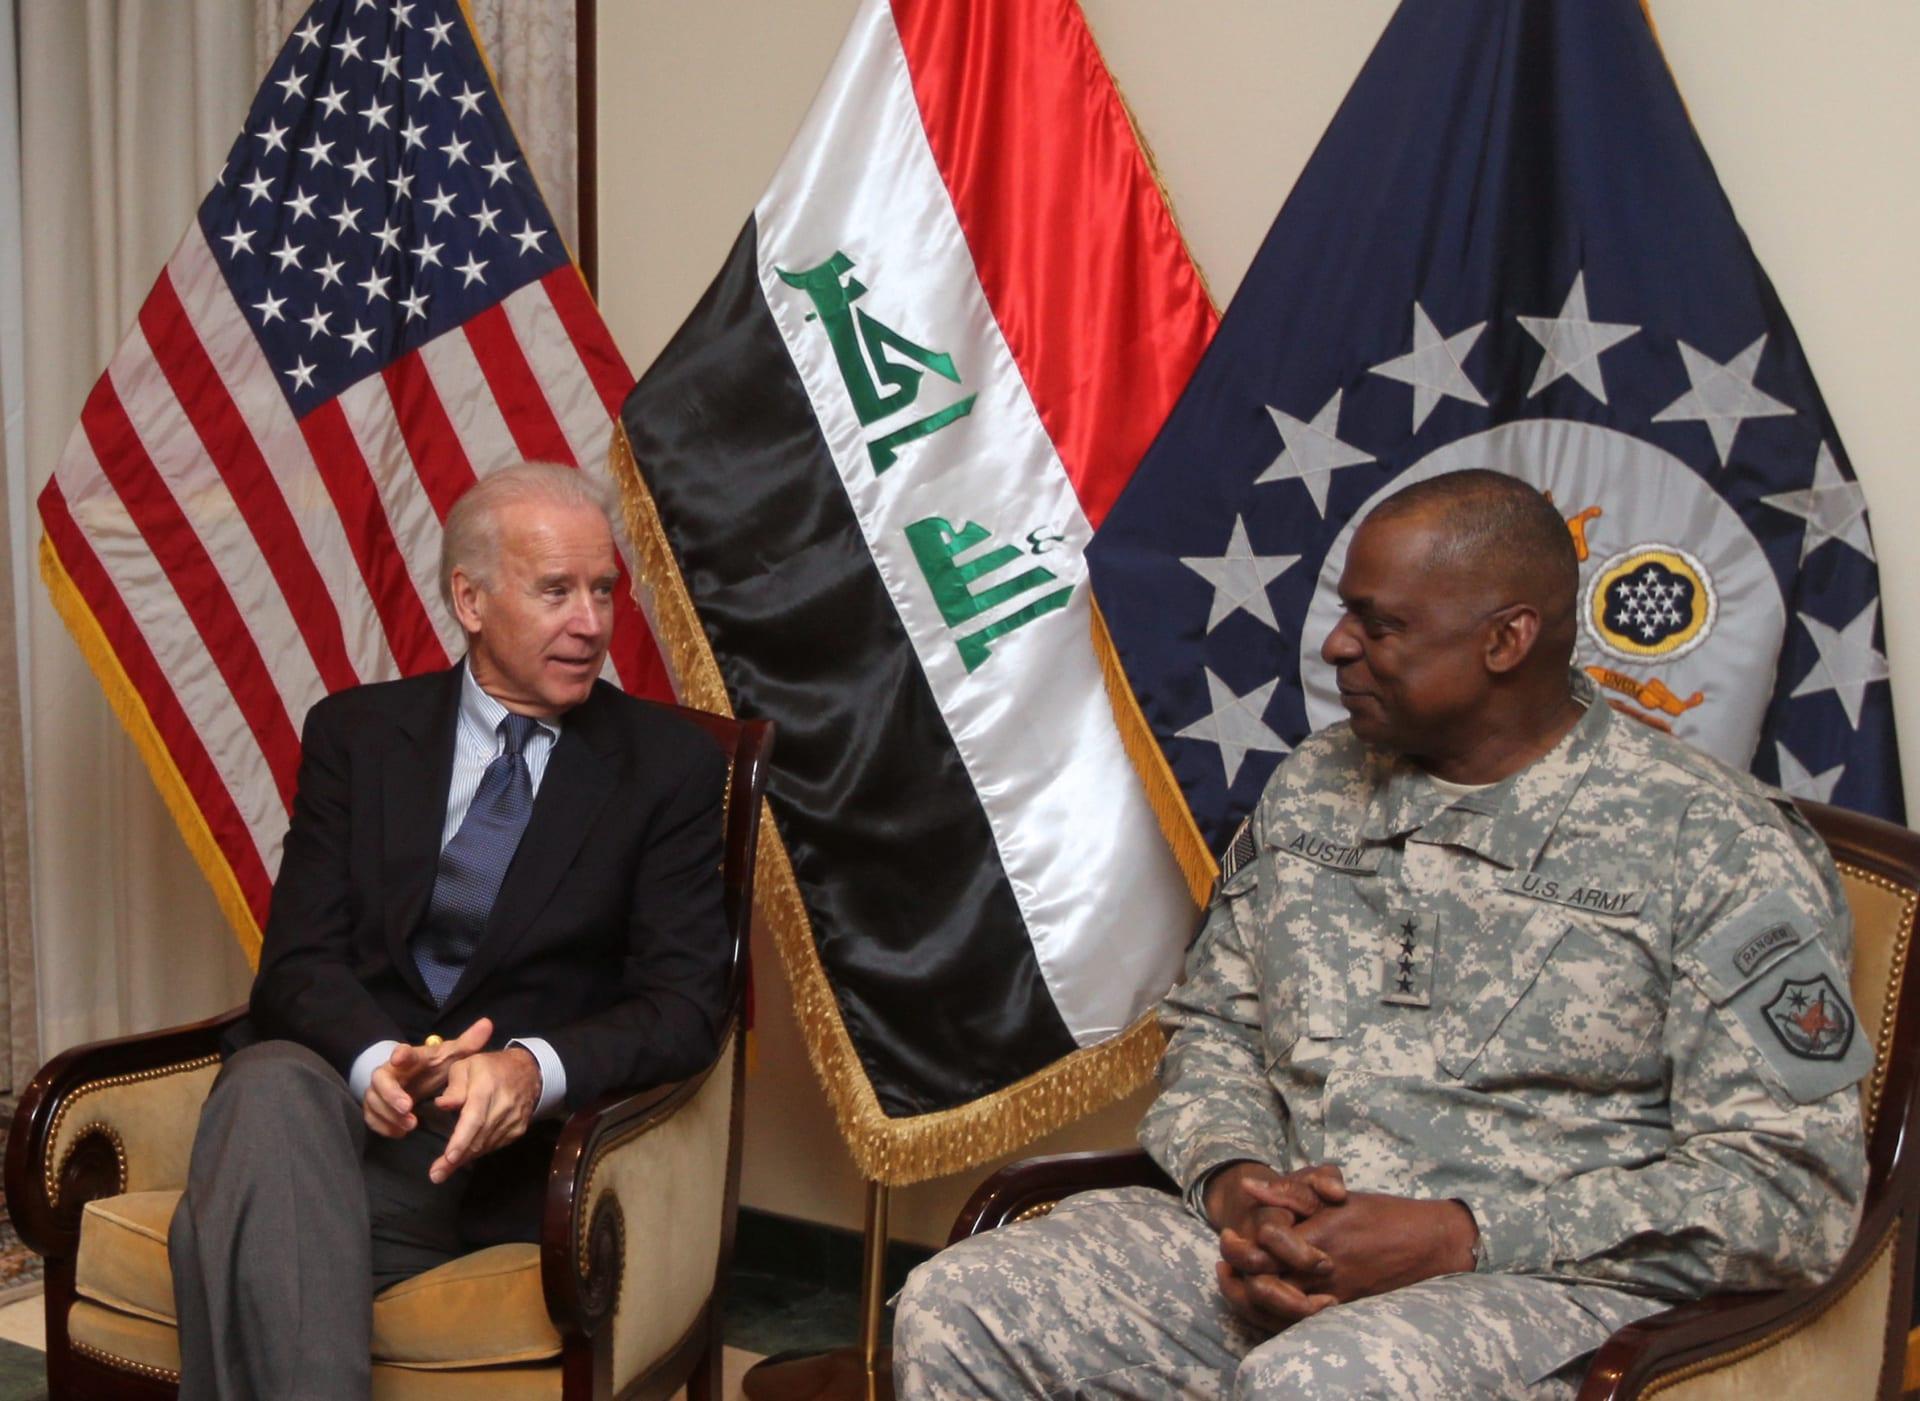 لويد أوستين أول وزير دفاع أمريكي أسود.. بايدن يشرح سبب اختياره وسط مقاومة الديمقراطيين